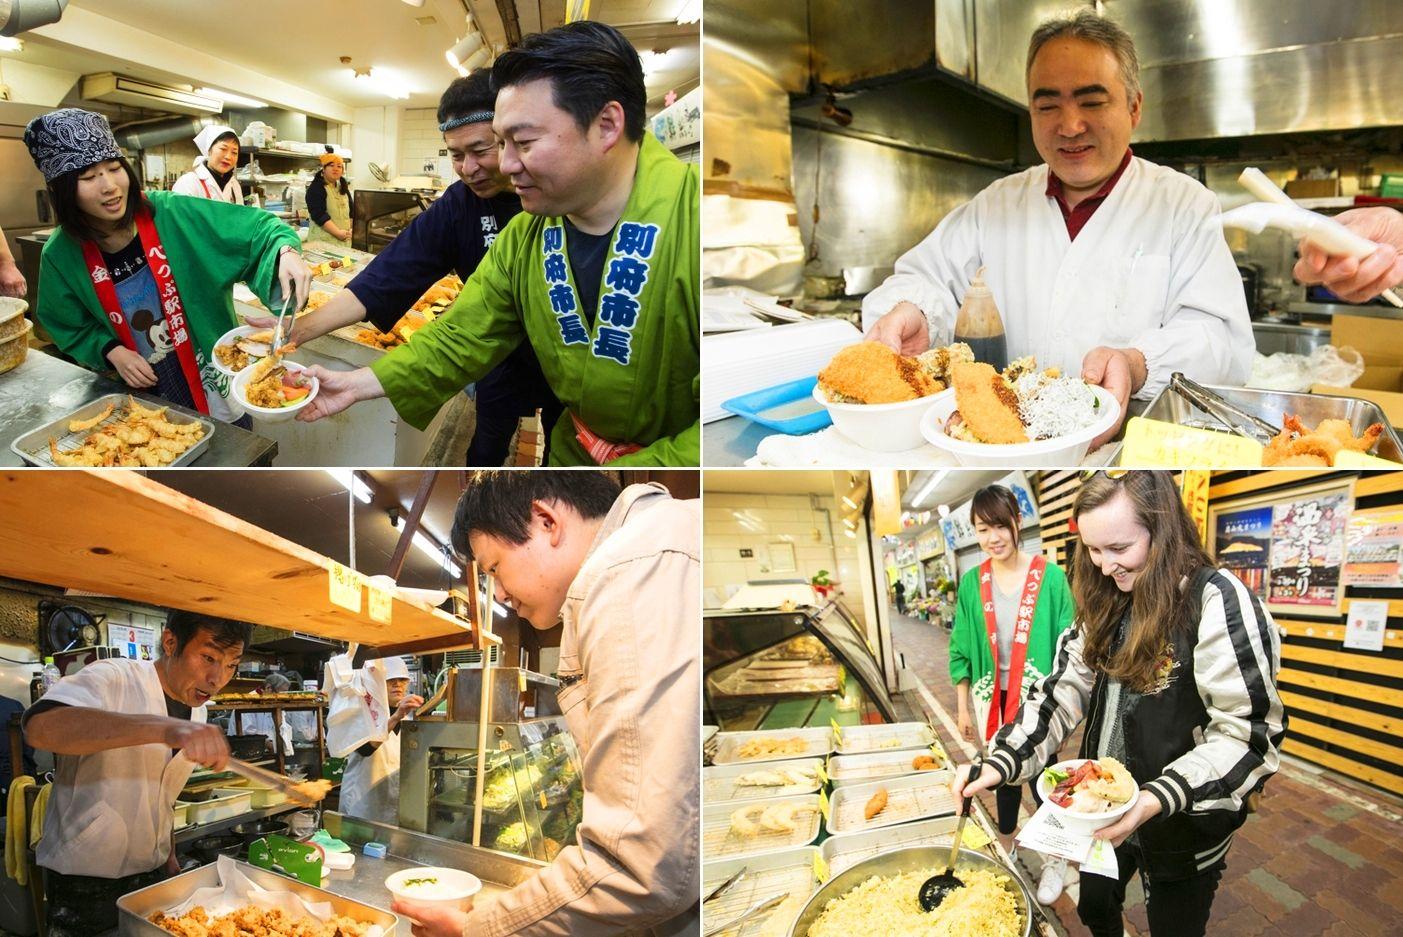 狂歡吧! 【日本年度溫泉祭典-八十八湯無料開放】深入當地文化的溫泉饗宴